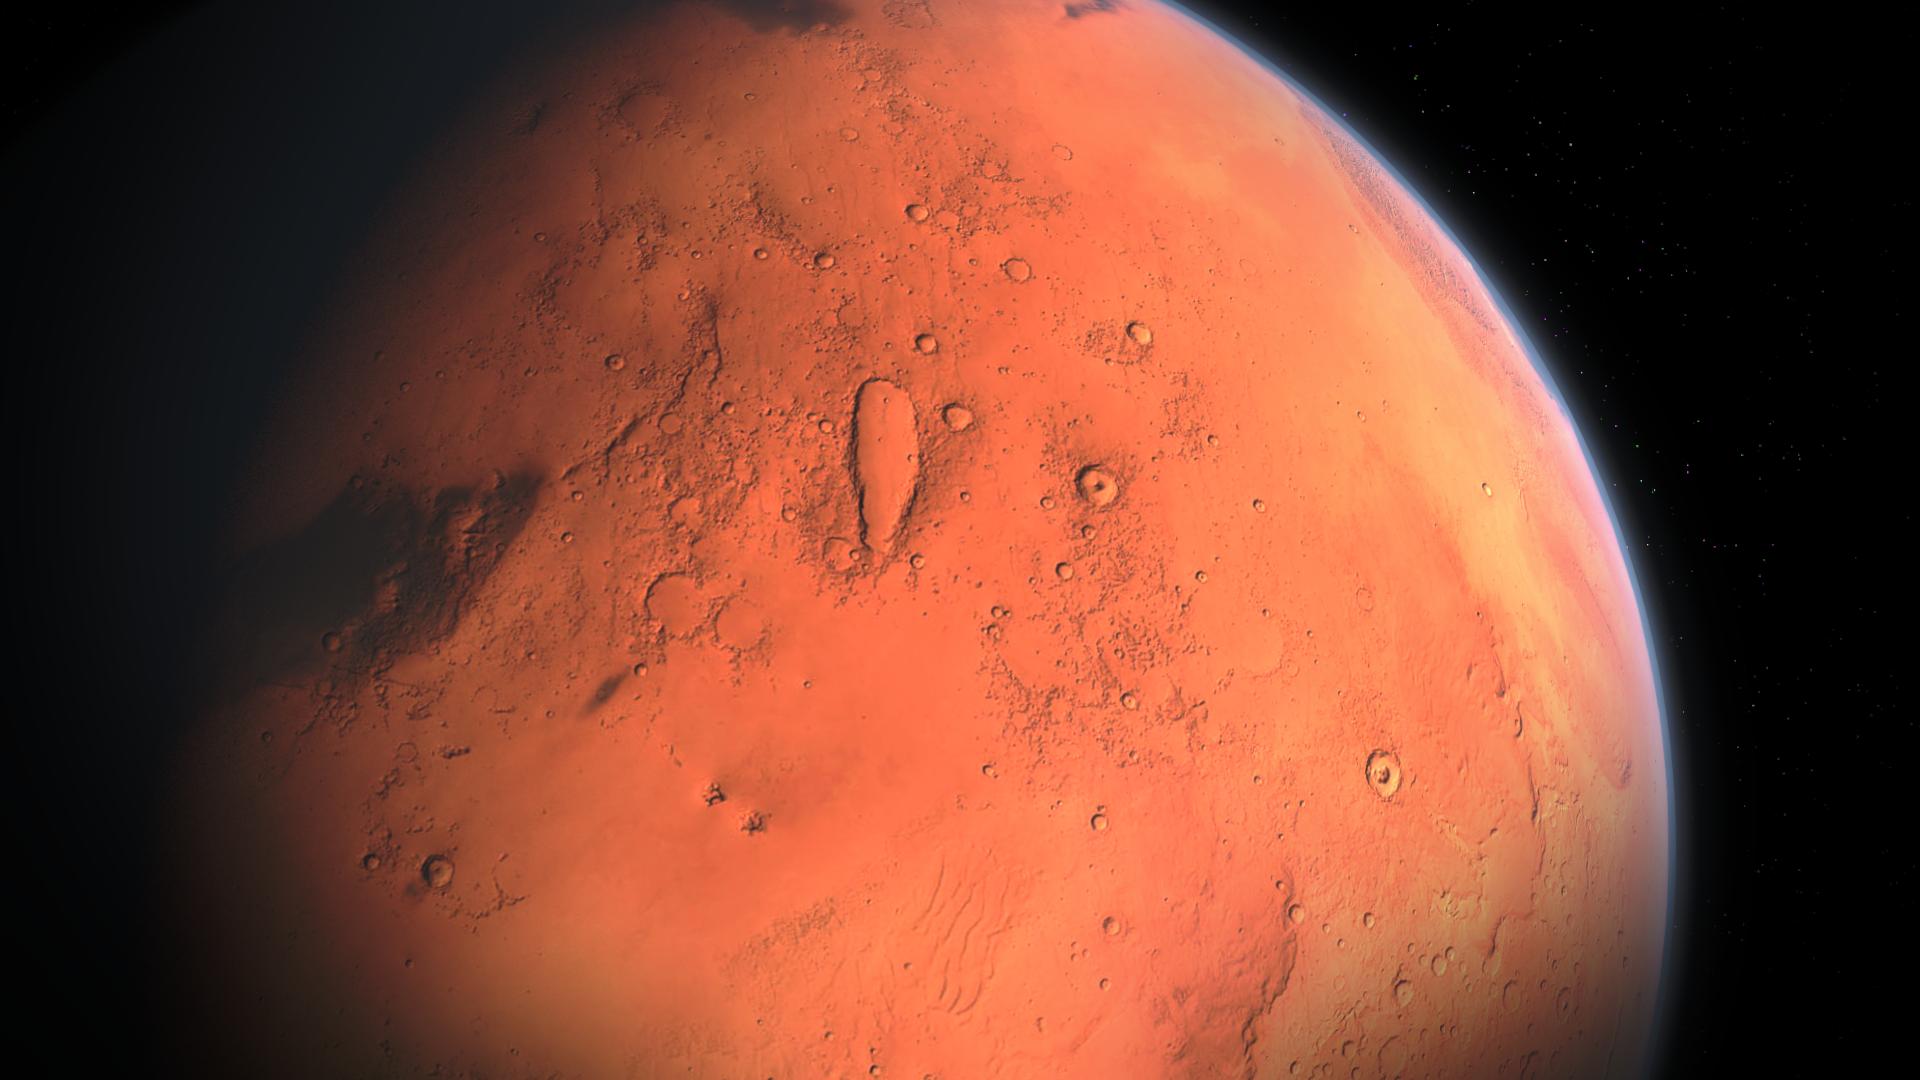 Comment la NASA choisira-t-elle le site d'atterrissage des astronautes sur Mars ?